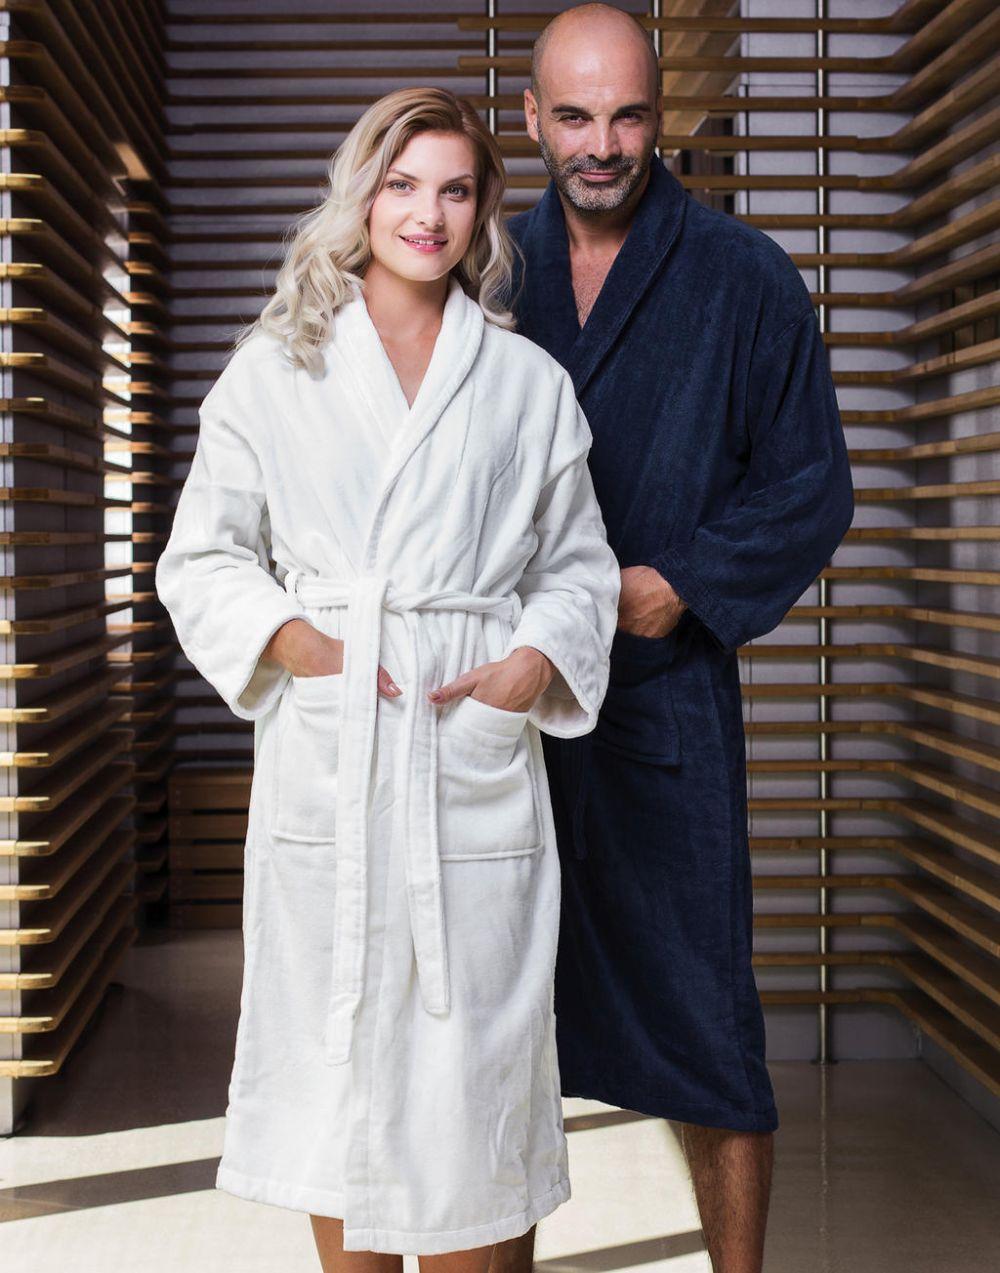 Toallas y albornoces towels by jassz albornoz como con publicidad vista 1